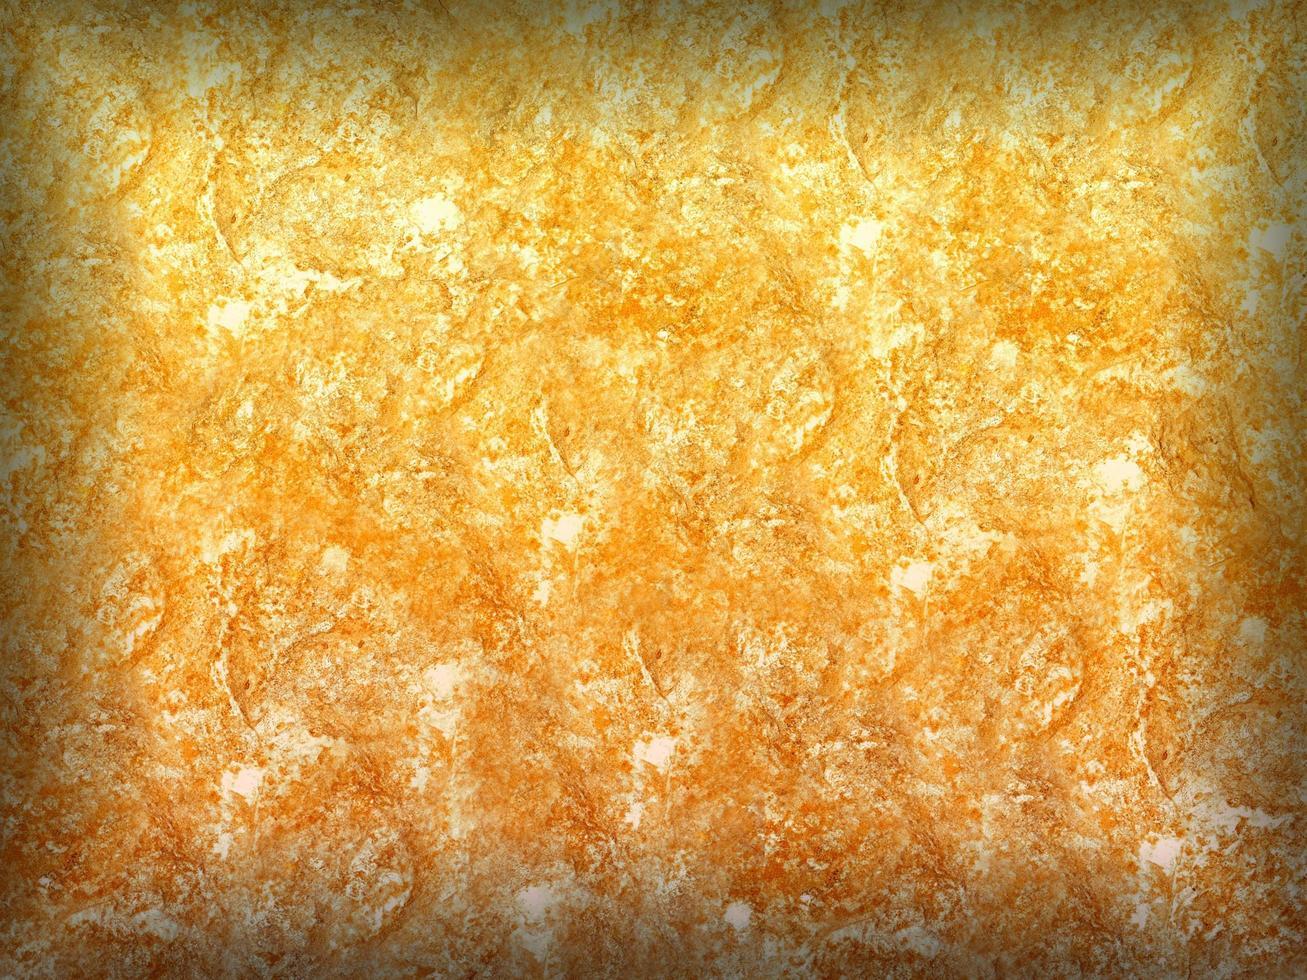 panneau de marbre orange pour le fond ou la texture photo